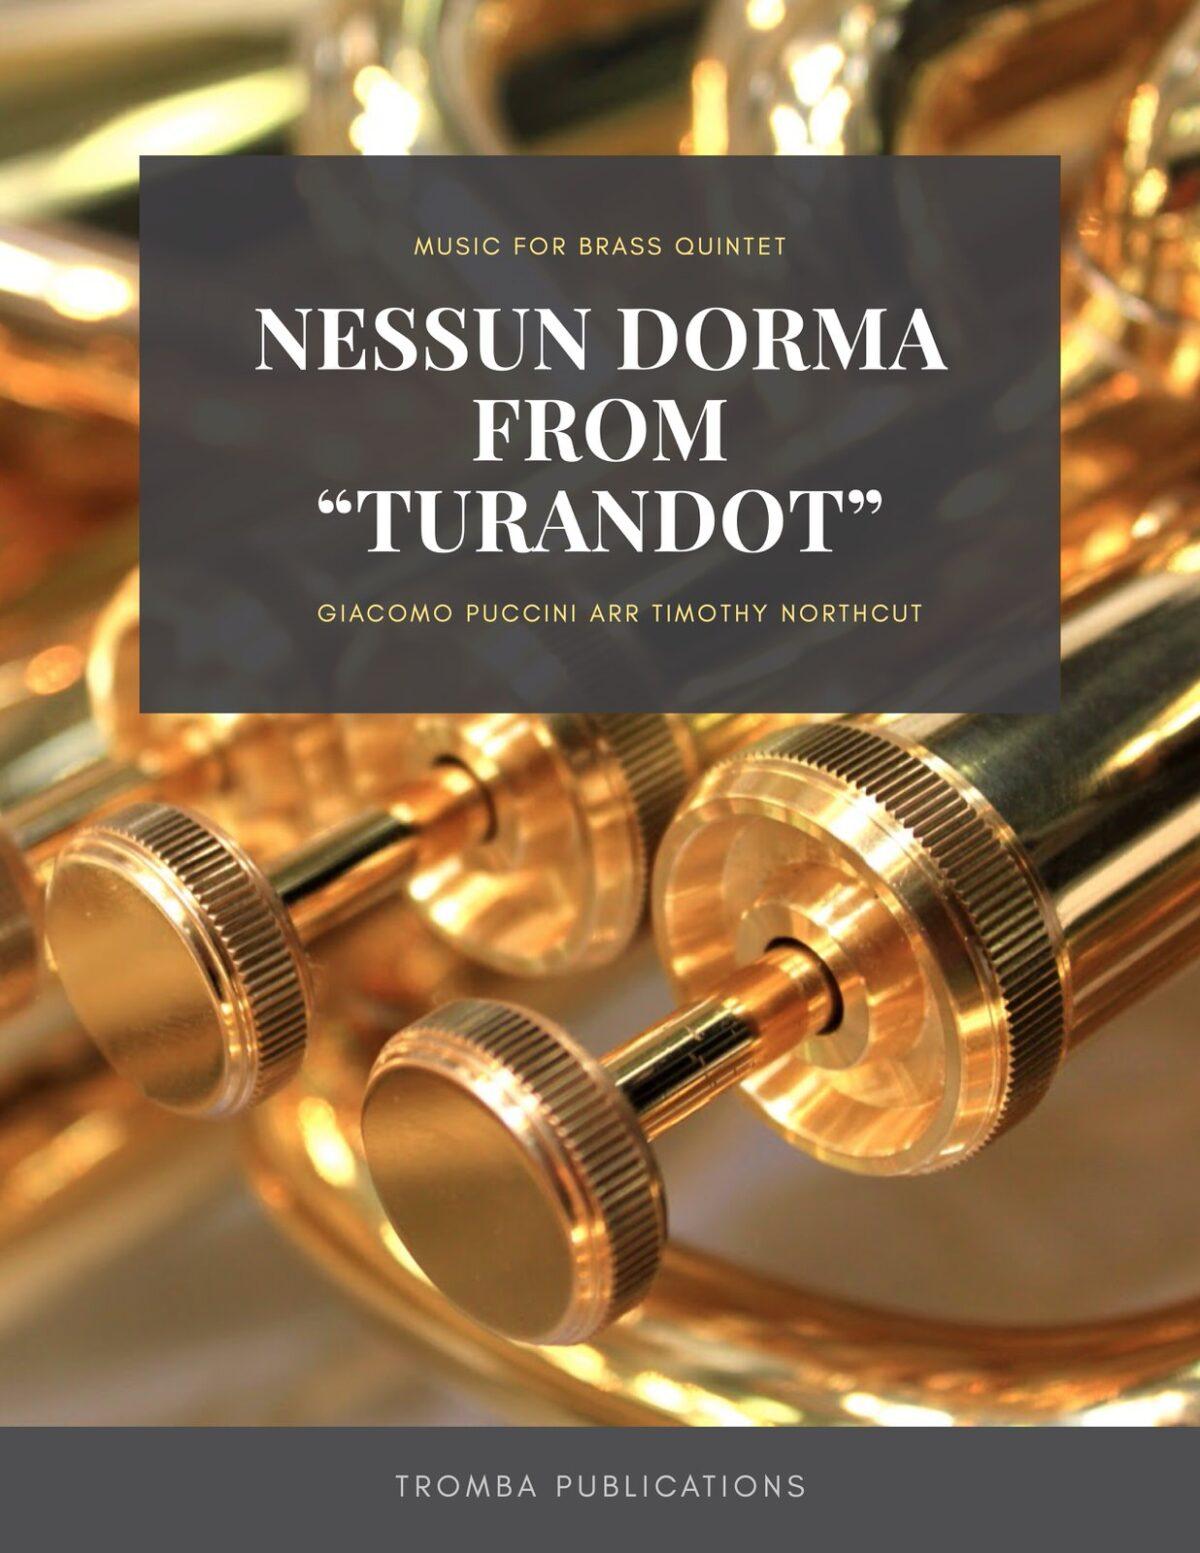 Puccini arr. (Quintet) Nessun Dorma from TurandotNorthcut-p01